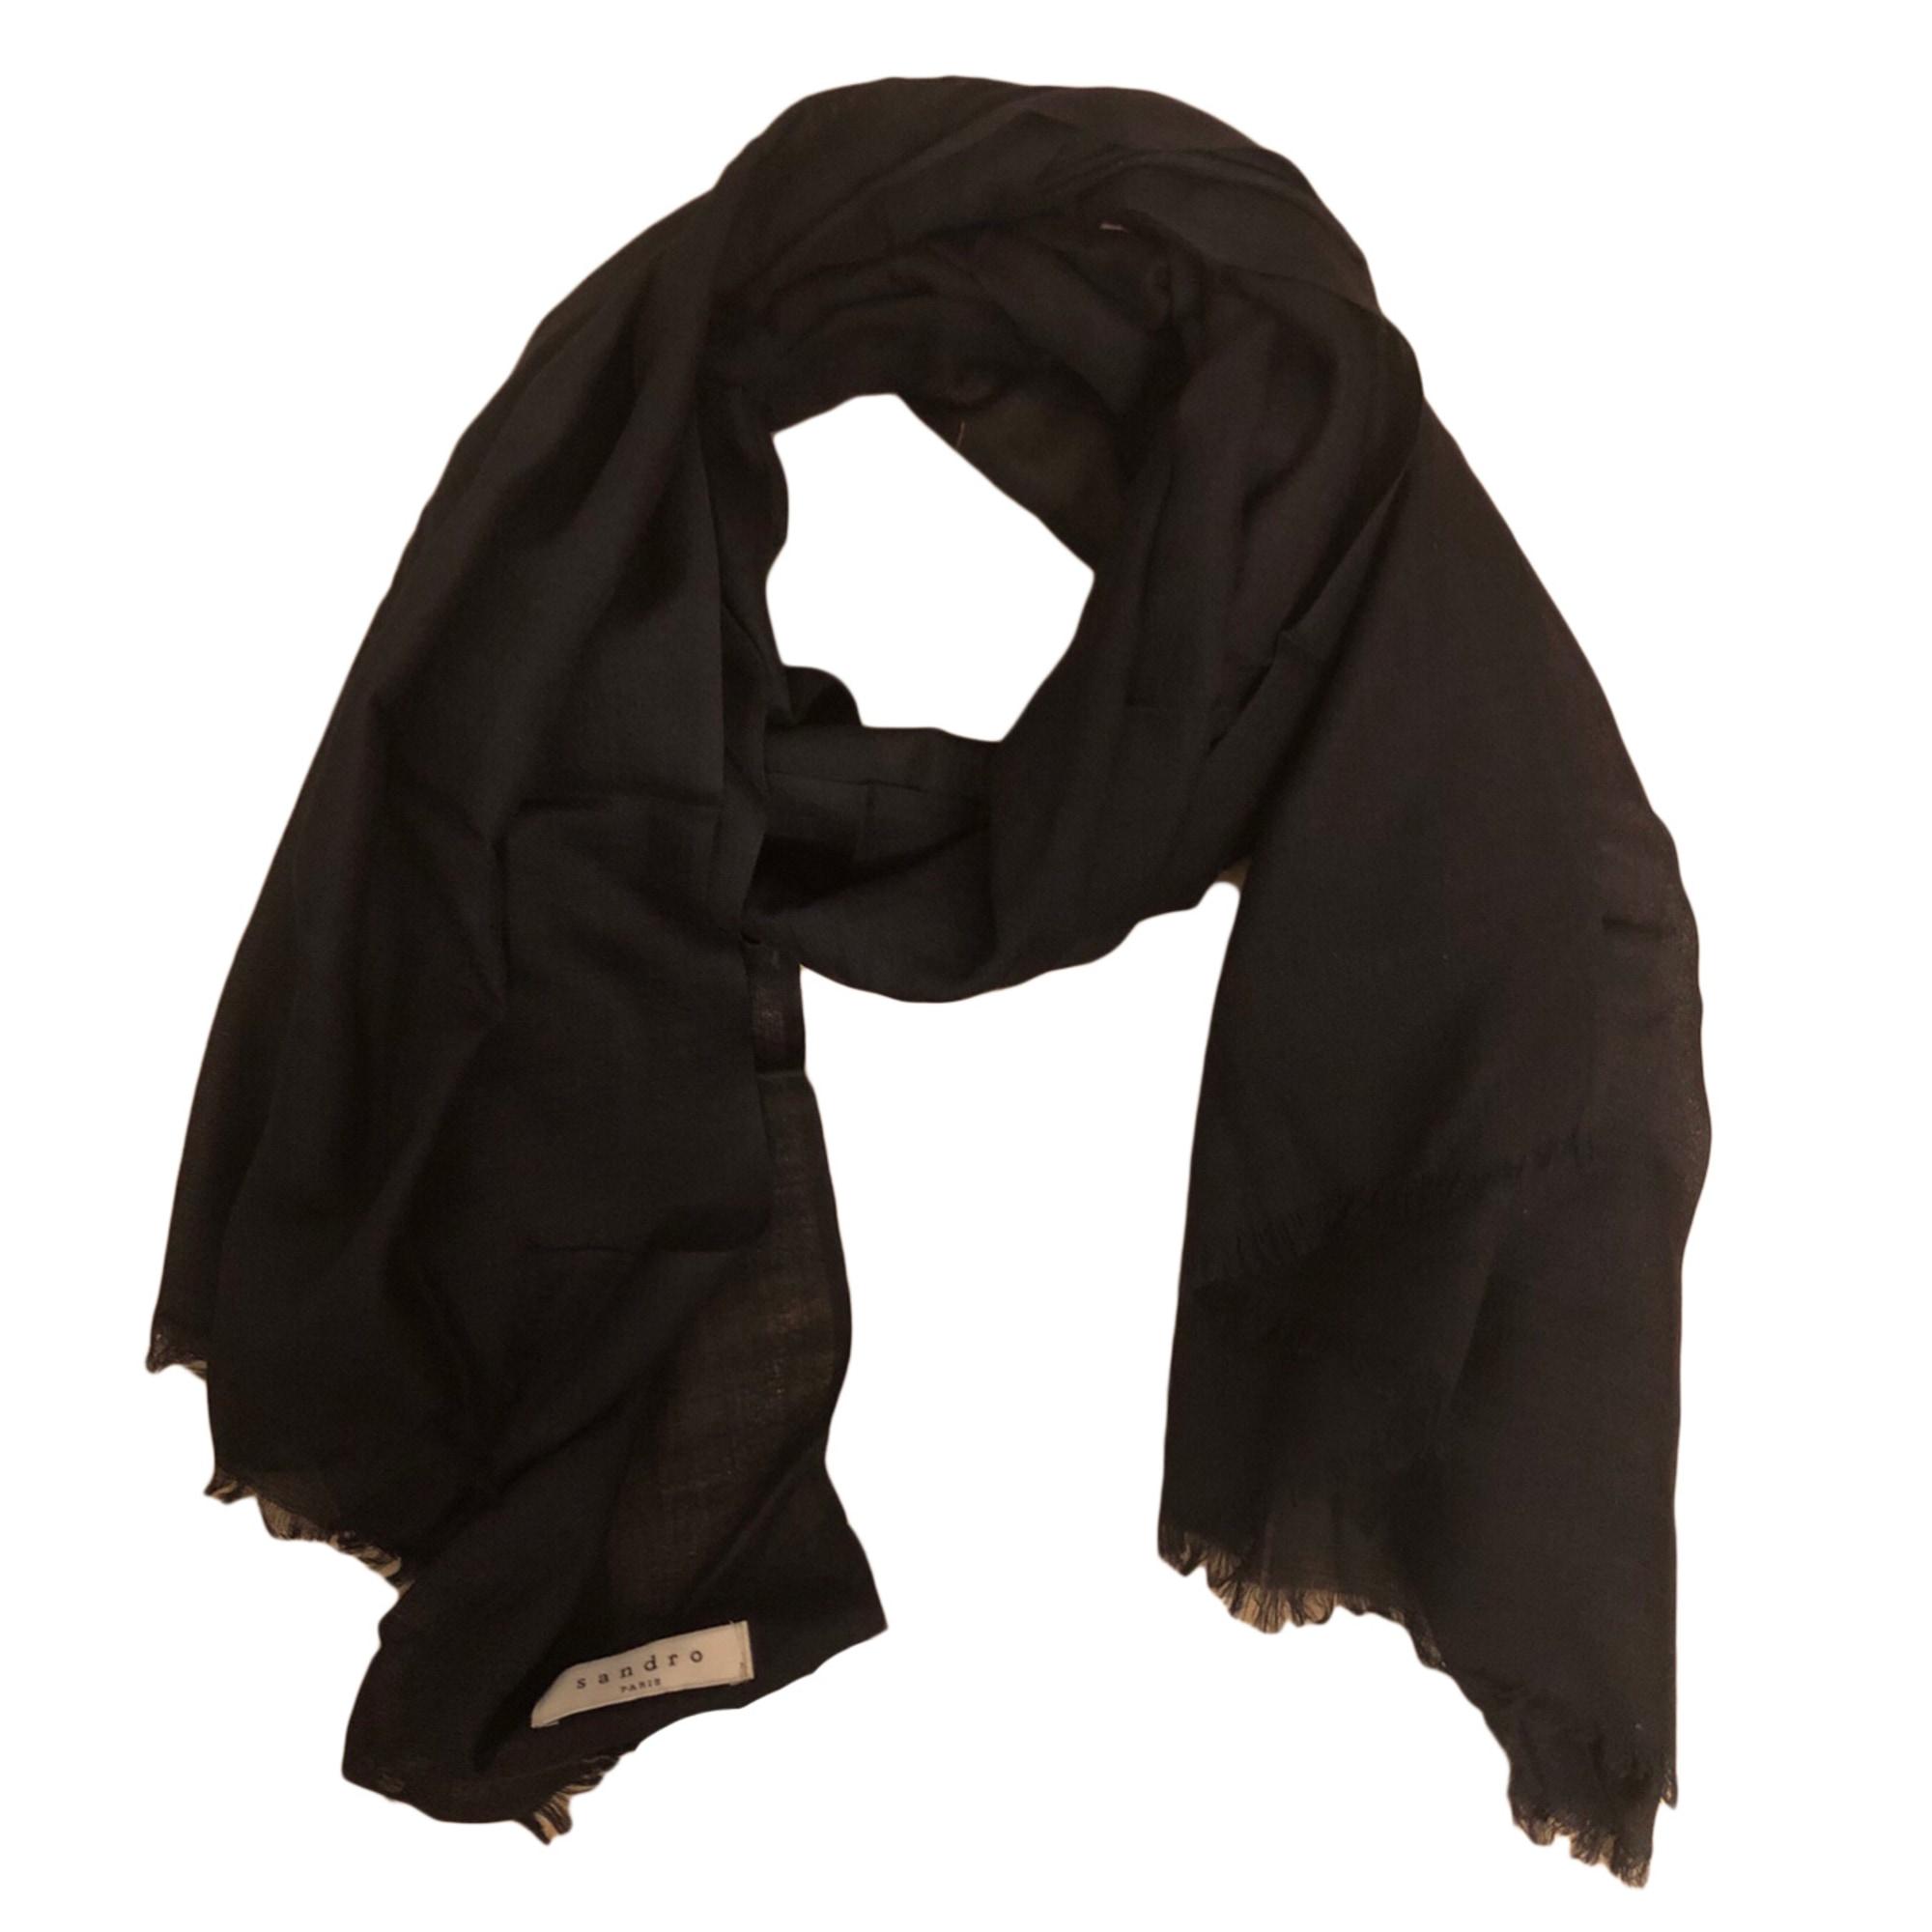 marque populaire super populaire vente la plus chaude Foulard